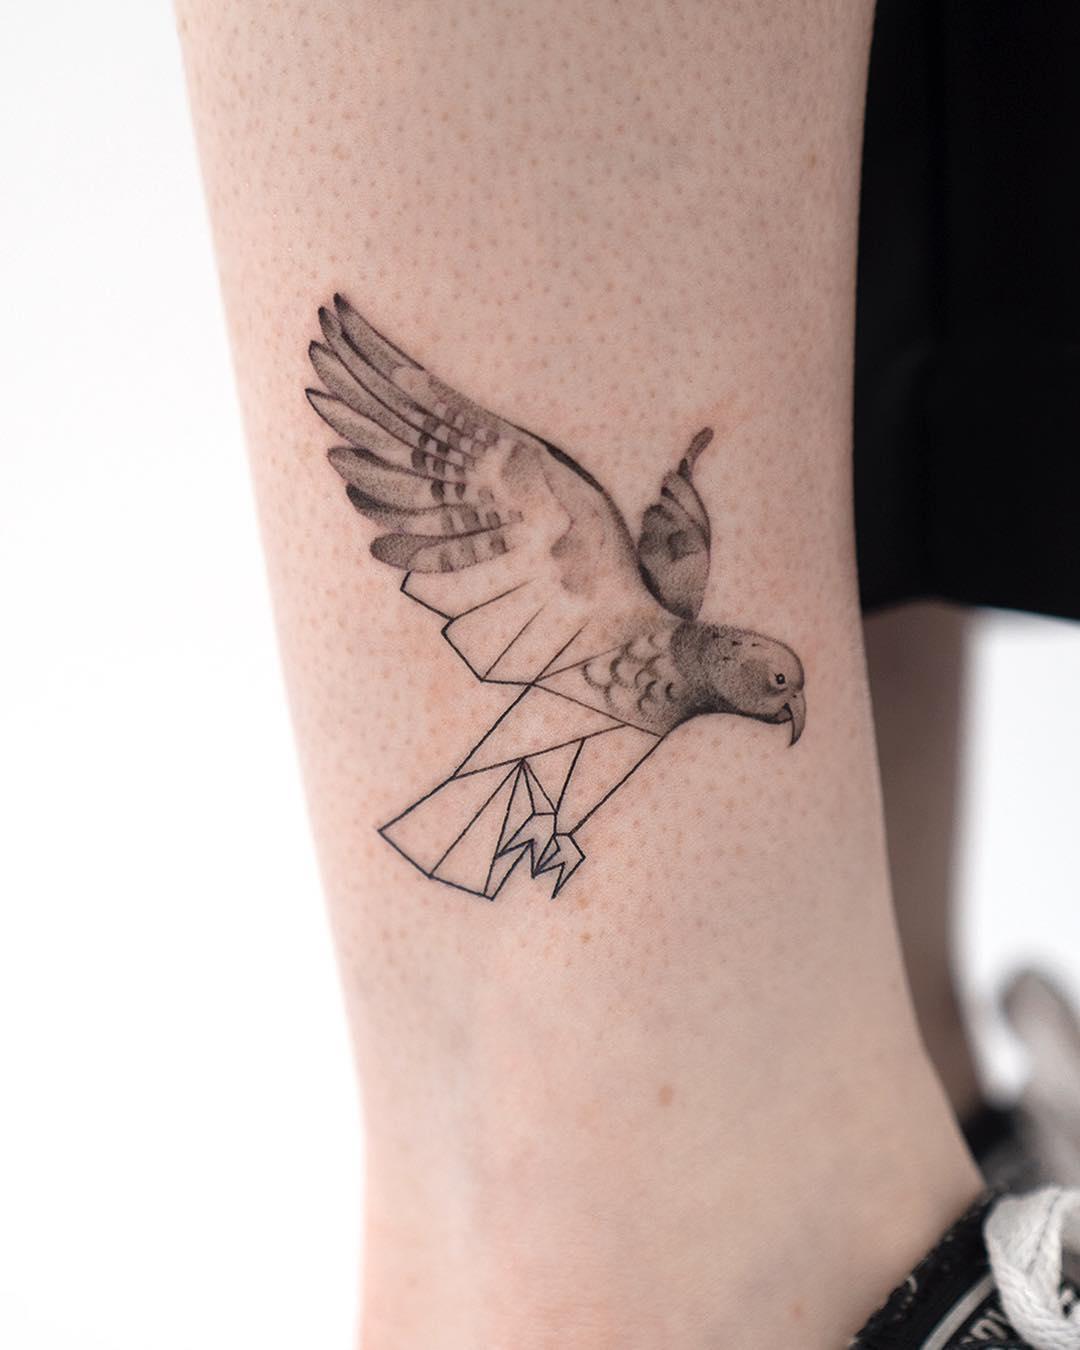 The New Zealand Kākā bird by Rey Jasper